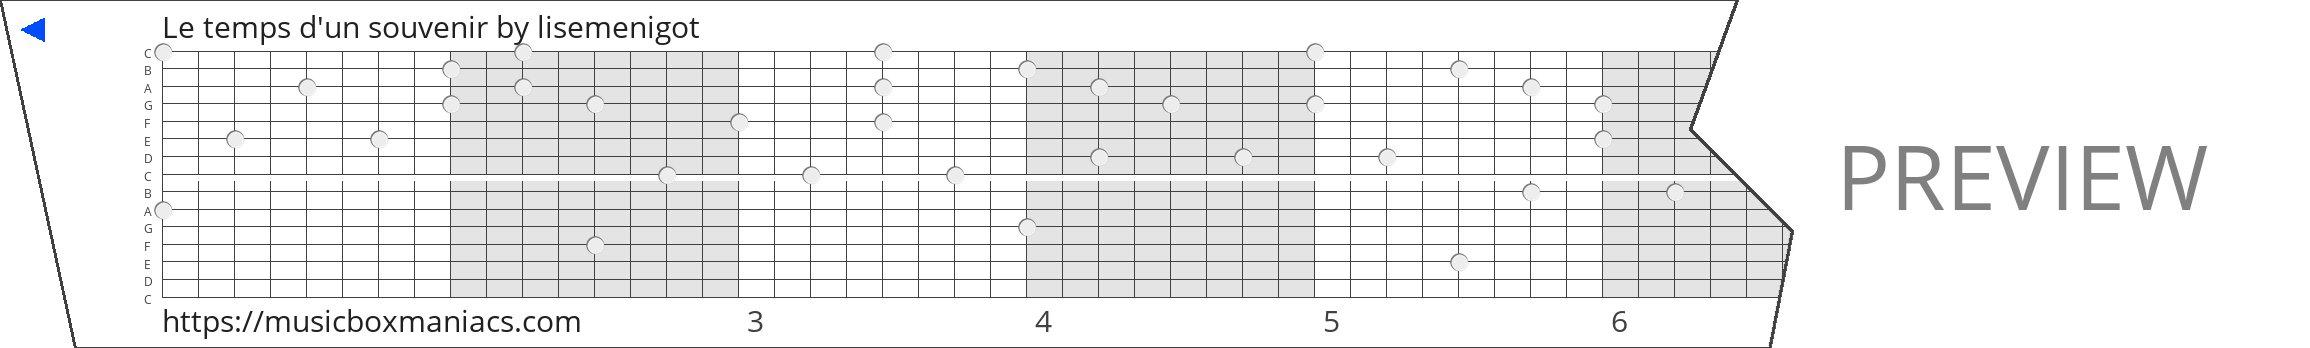 Le temps d'un souvenir 15 note music box paper strip